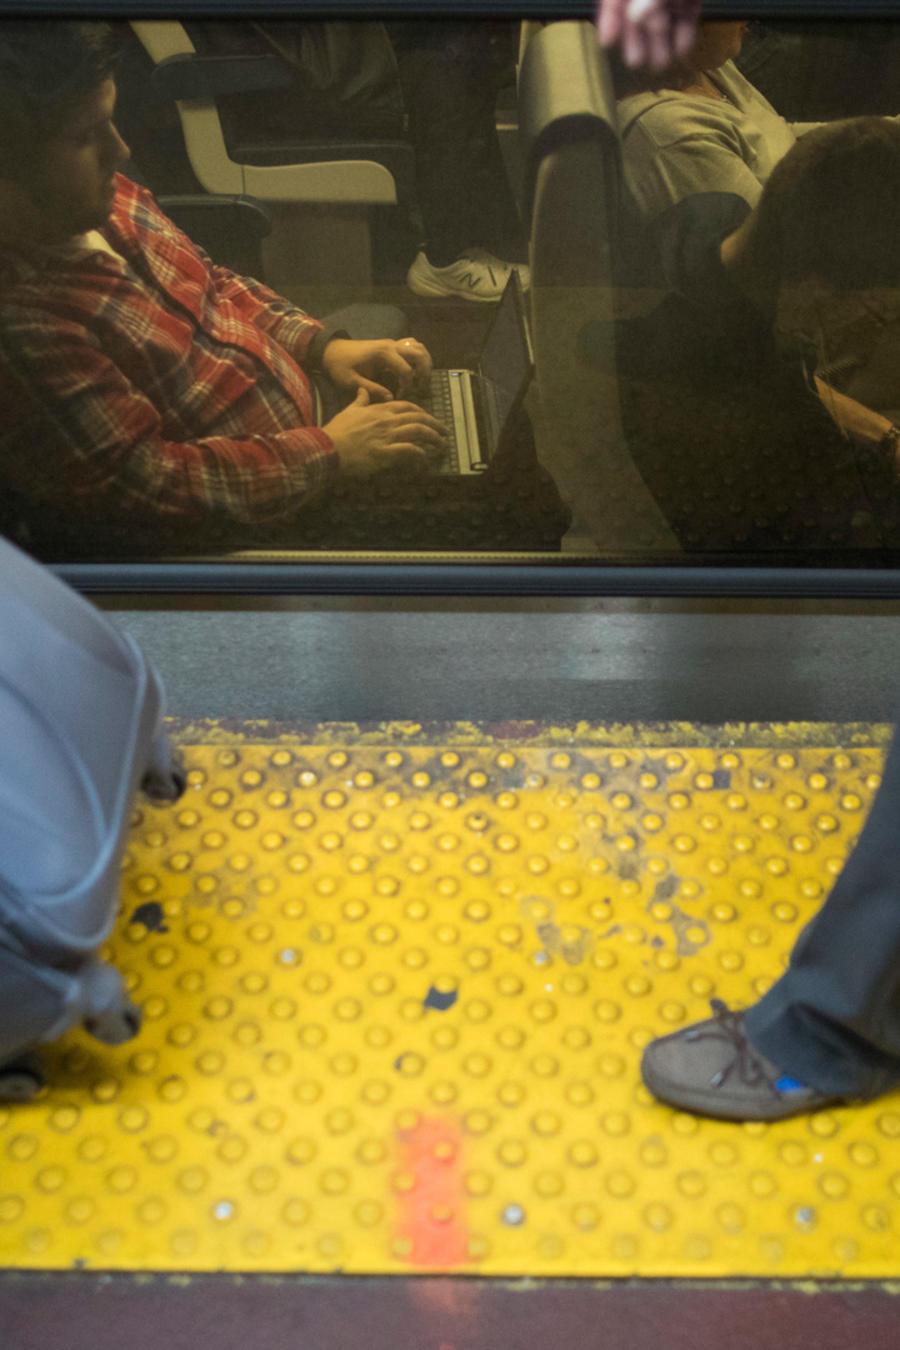 Personas viajan en un tren en una imagen de archivo